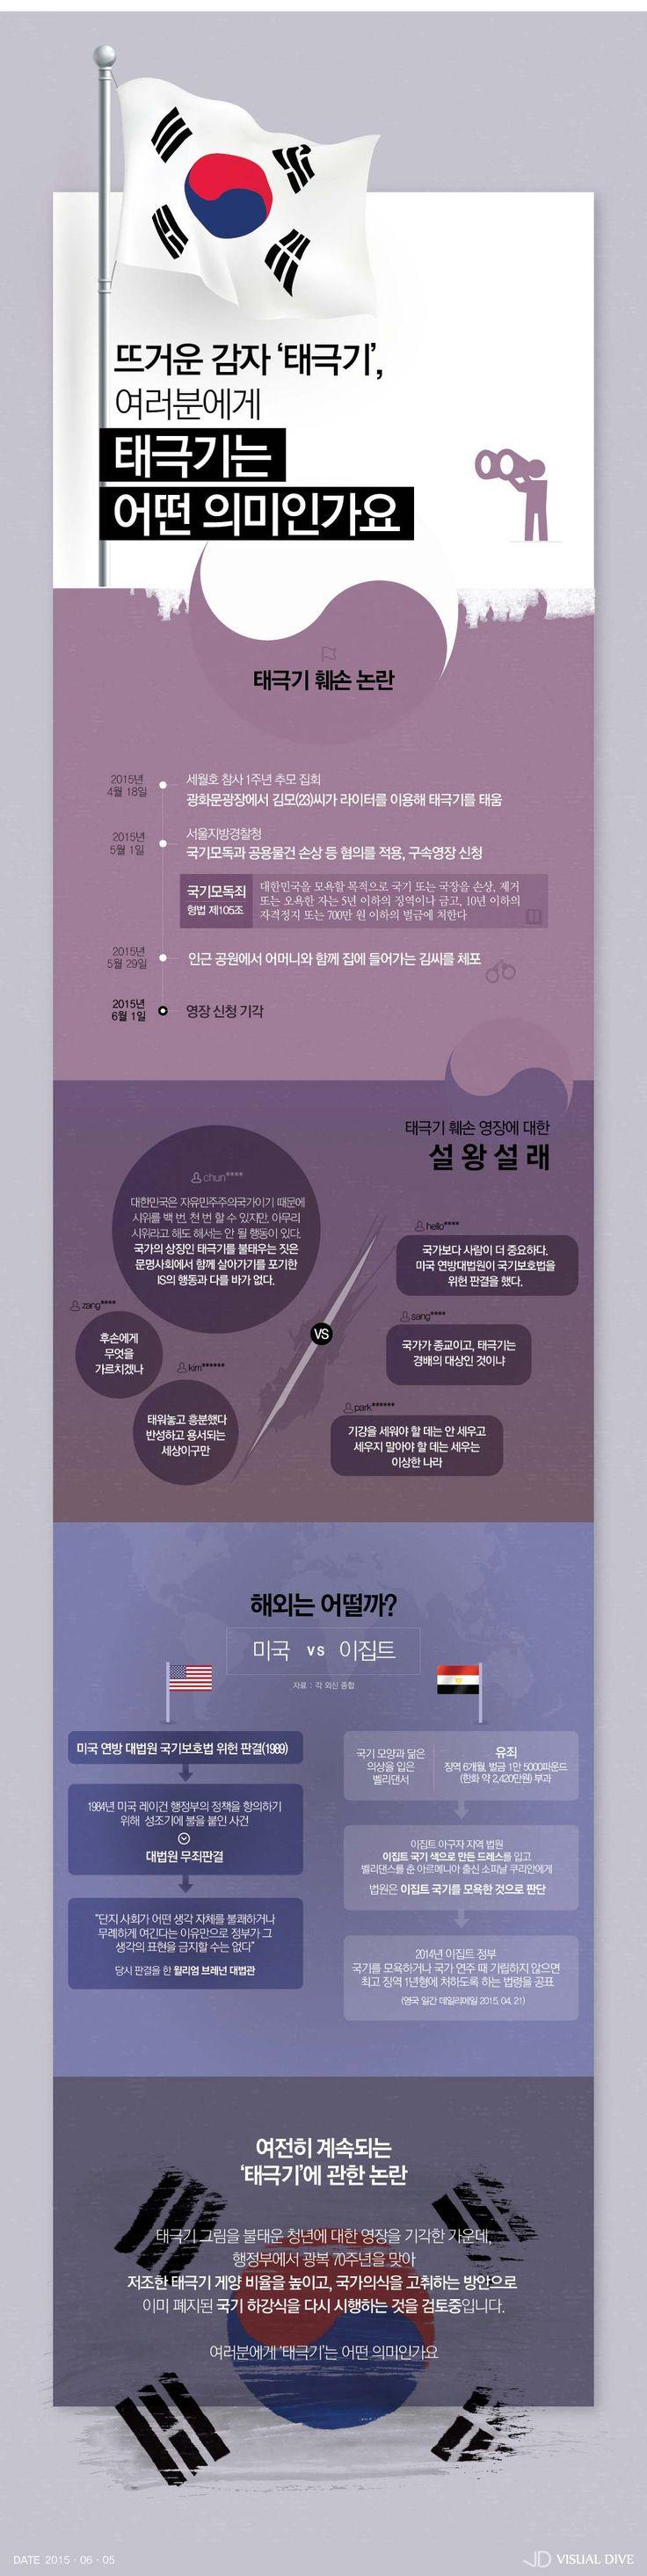 뜨거운 감자 '태극기'…태극기 둘러싼 논란, 재점화 될까 [인포그래픽] #Taegeukgi / #Infographic ⓒ 비주얼다이브 무단 복사·전재·재배포 금지